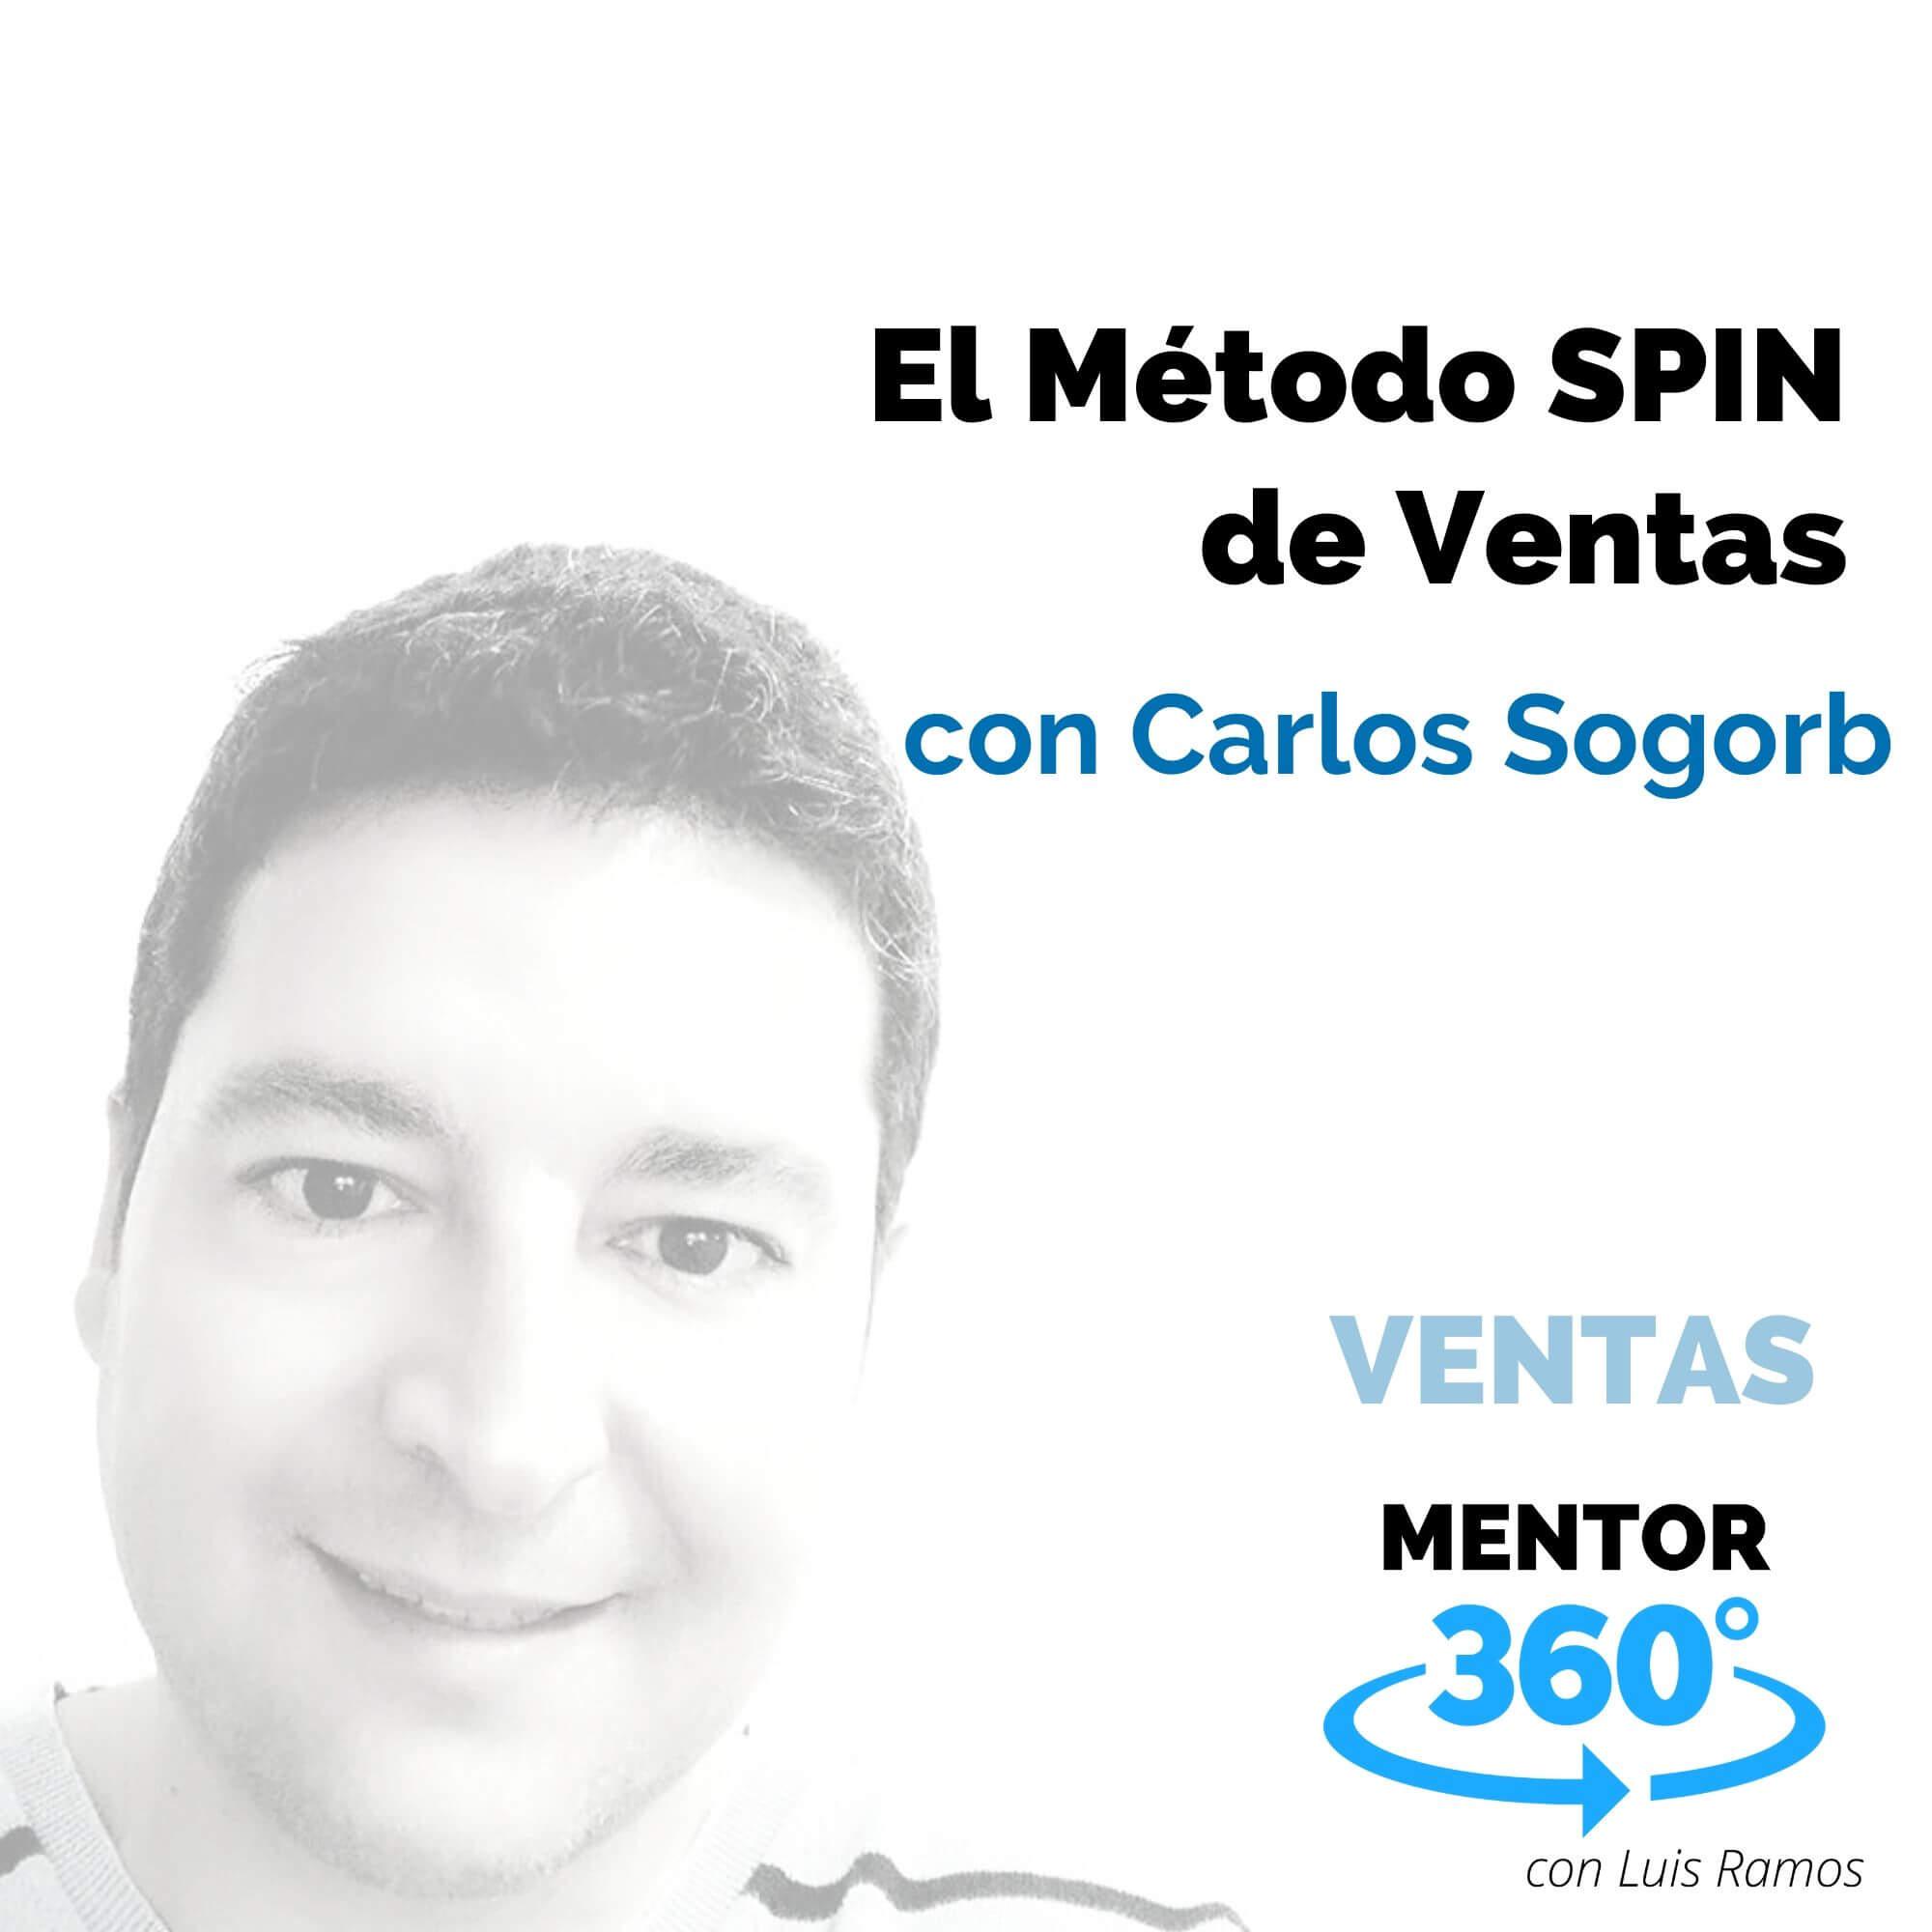 El Método SPIN de Ventas - Caso Práctico, con Carlos Sogorb - VENTAS